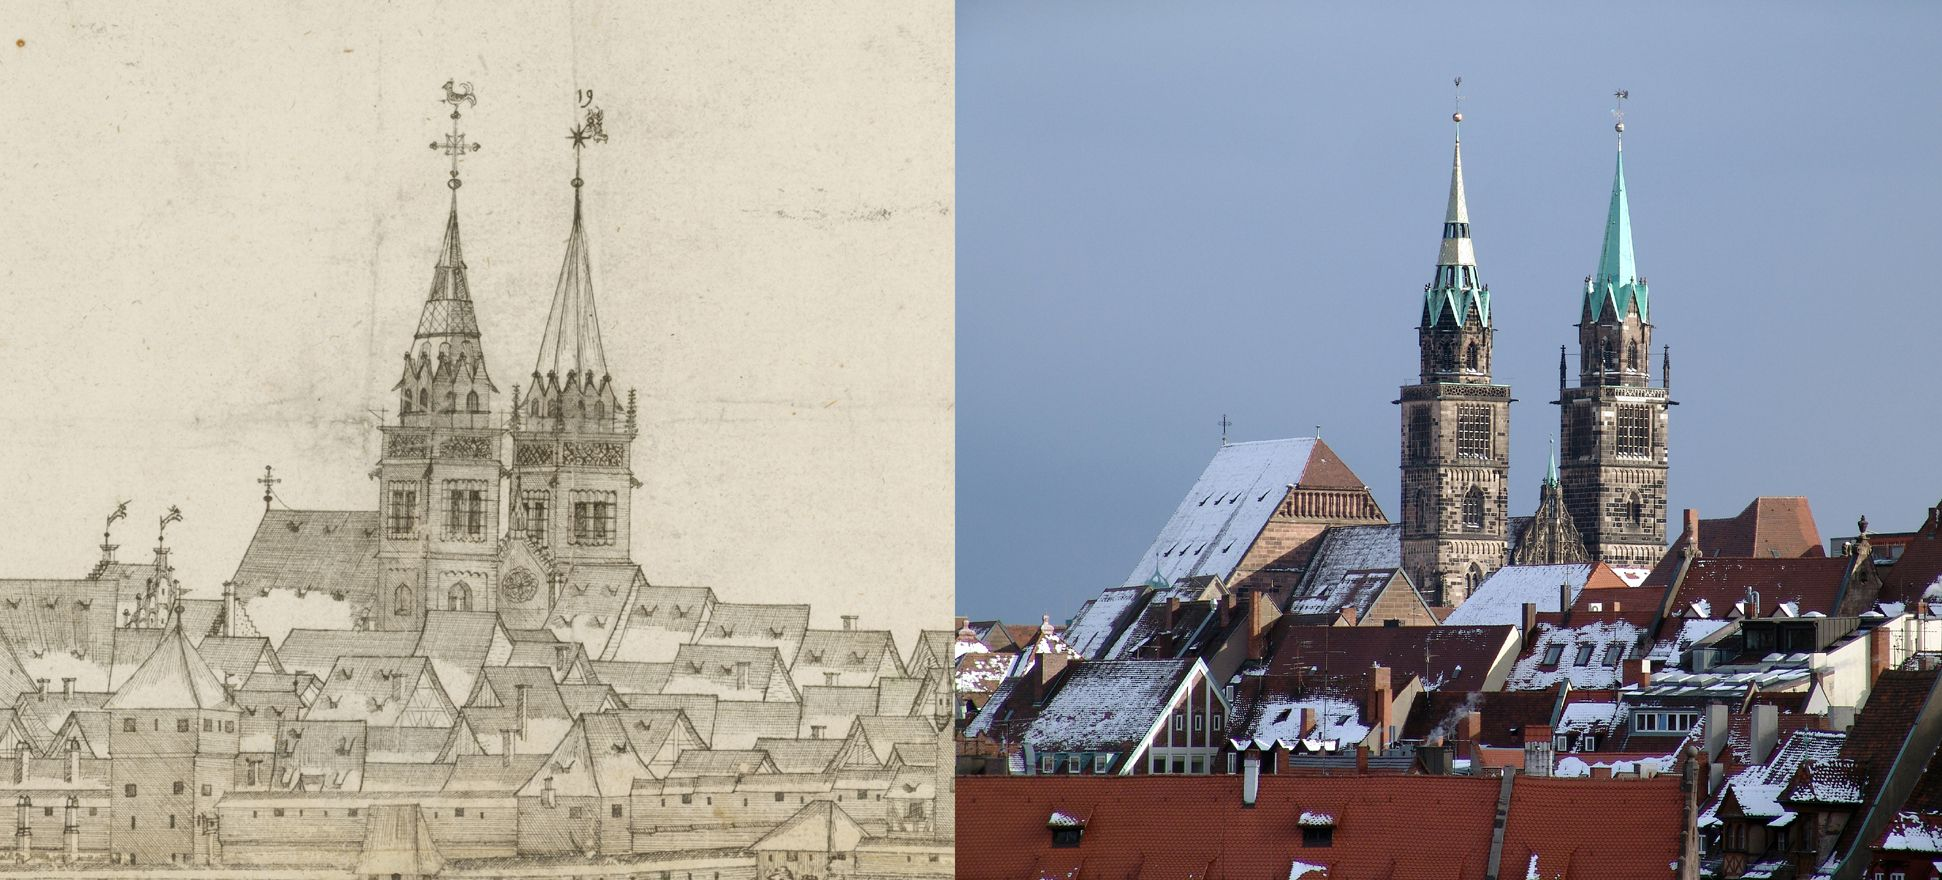 Panoramadarstellung der Stadt Nürnberg von Westen Gegenüberstellung Detail Sankt Lorenz und heutiger Zustand